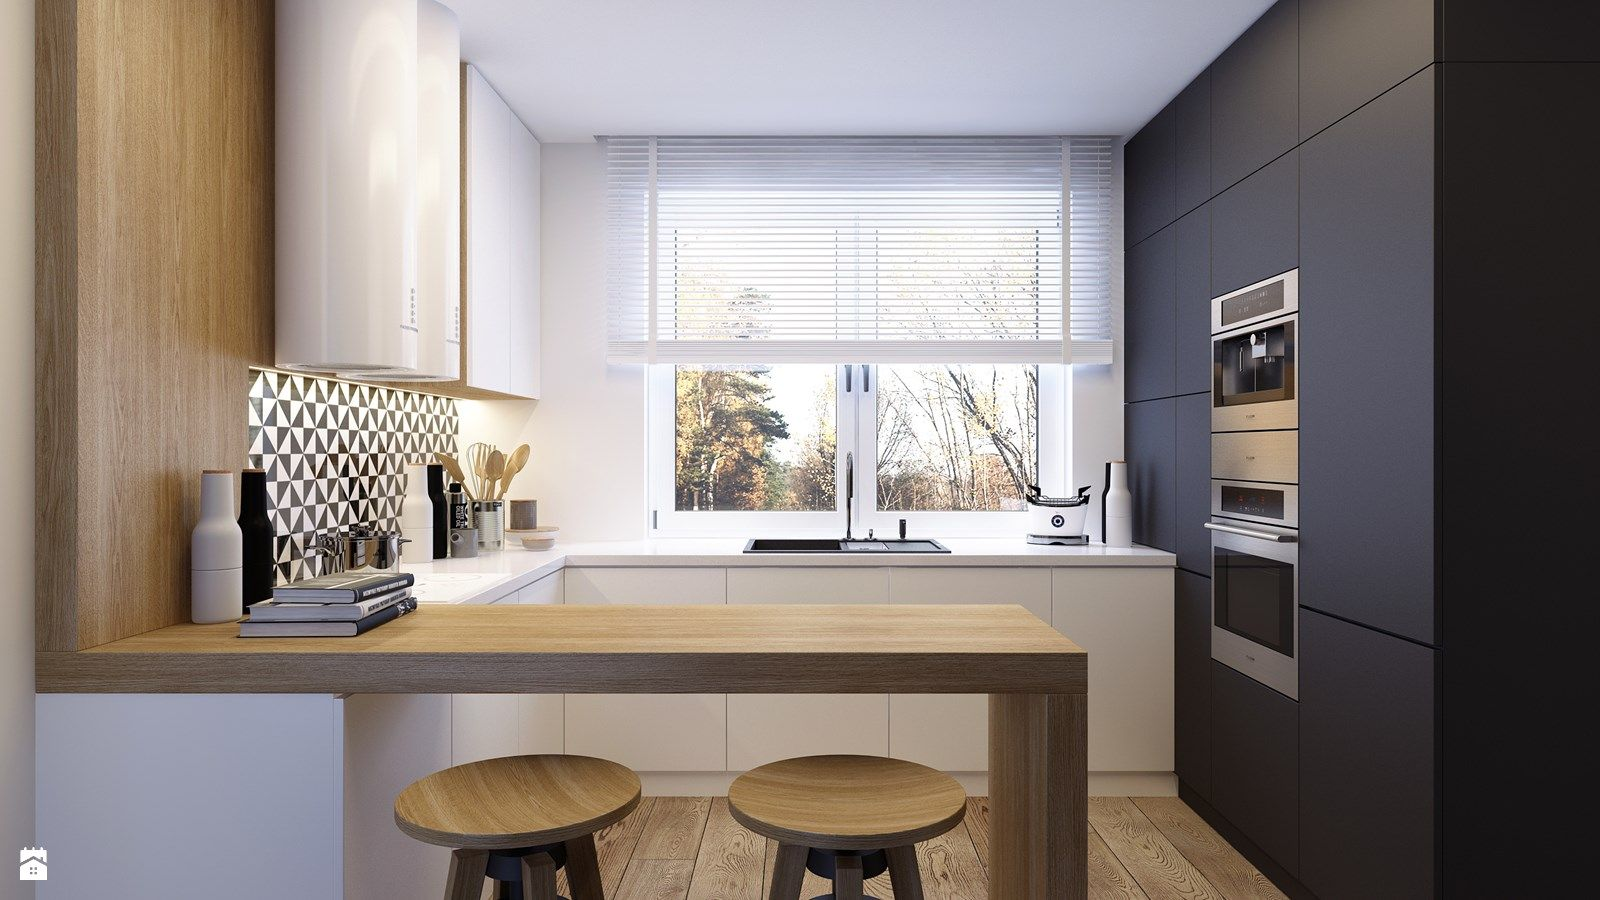 Best Of Open Kitchen Interior Design Ideas